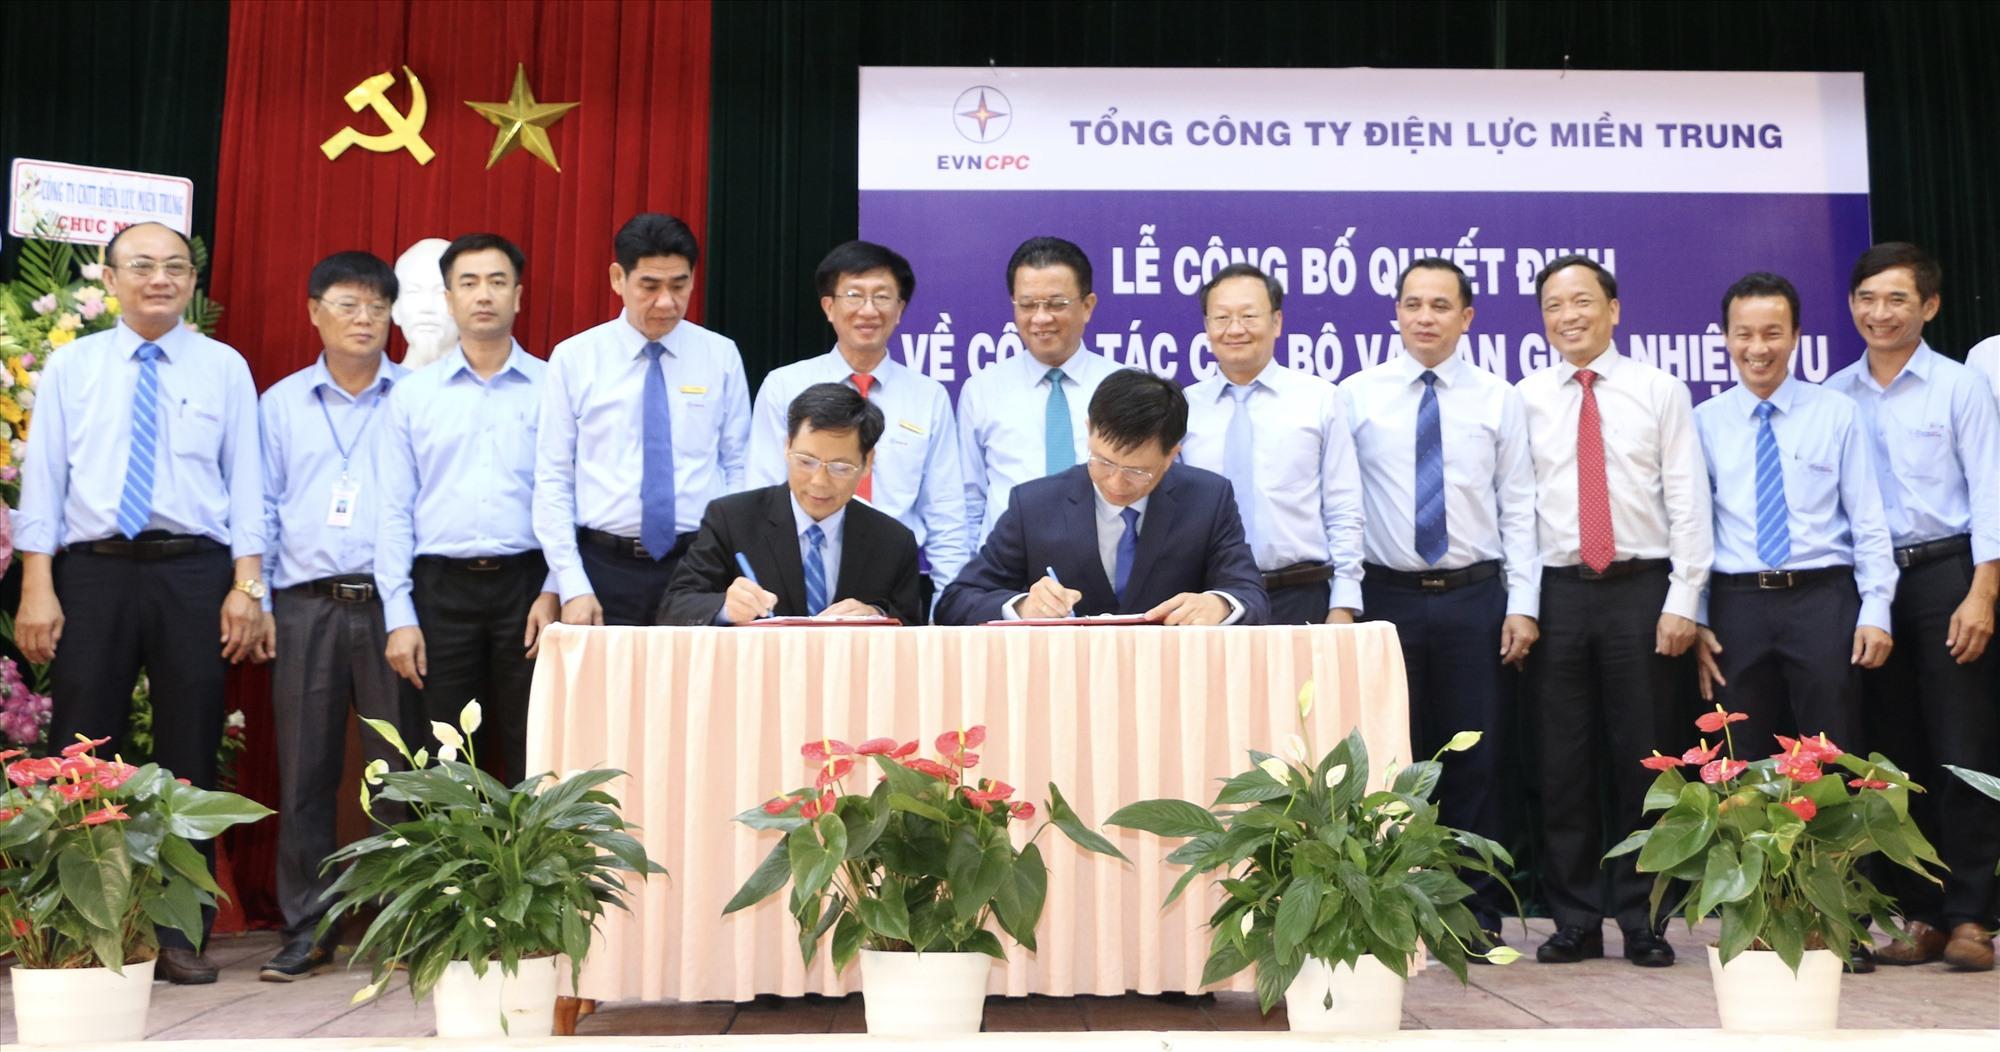 Ông Nguyễn Minh Tuấn (ngồi bên trái) và ông Nguyễn Hữu Khánh ký biên bản bàn giao.